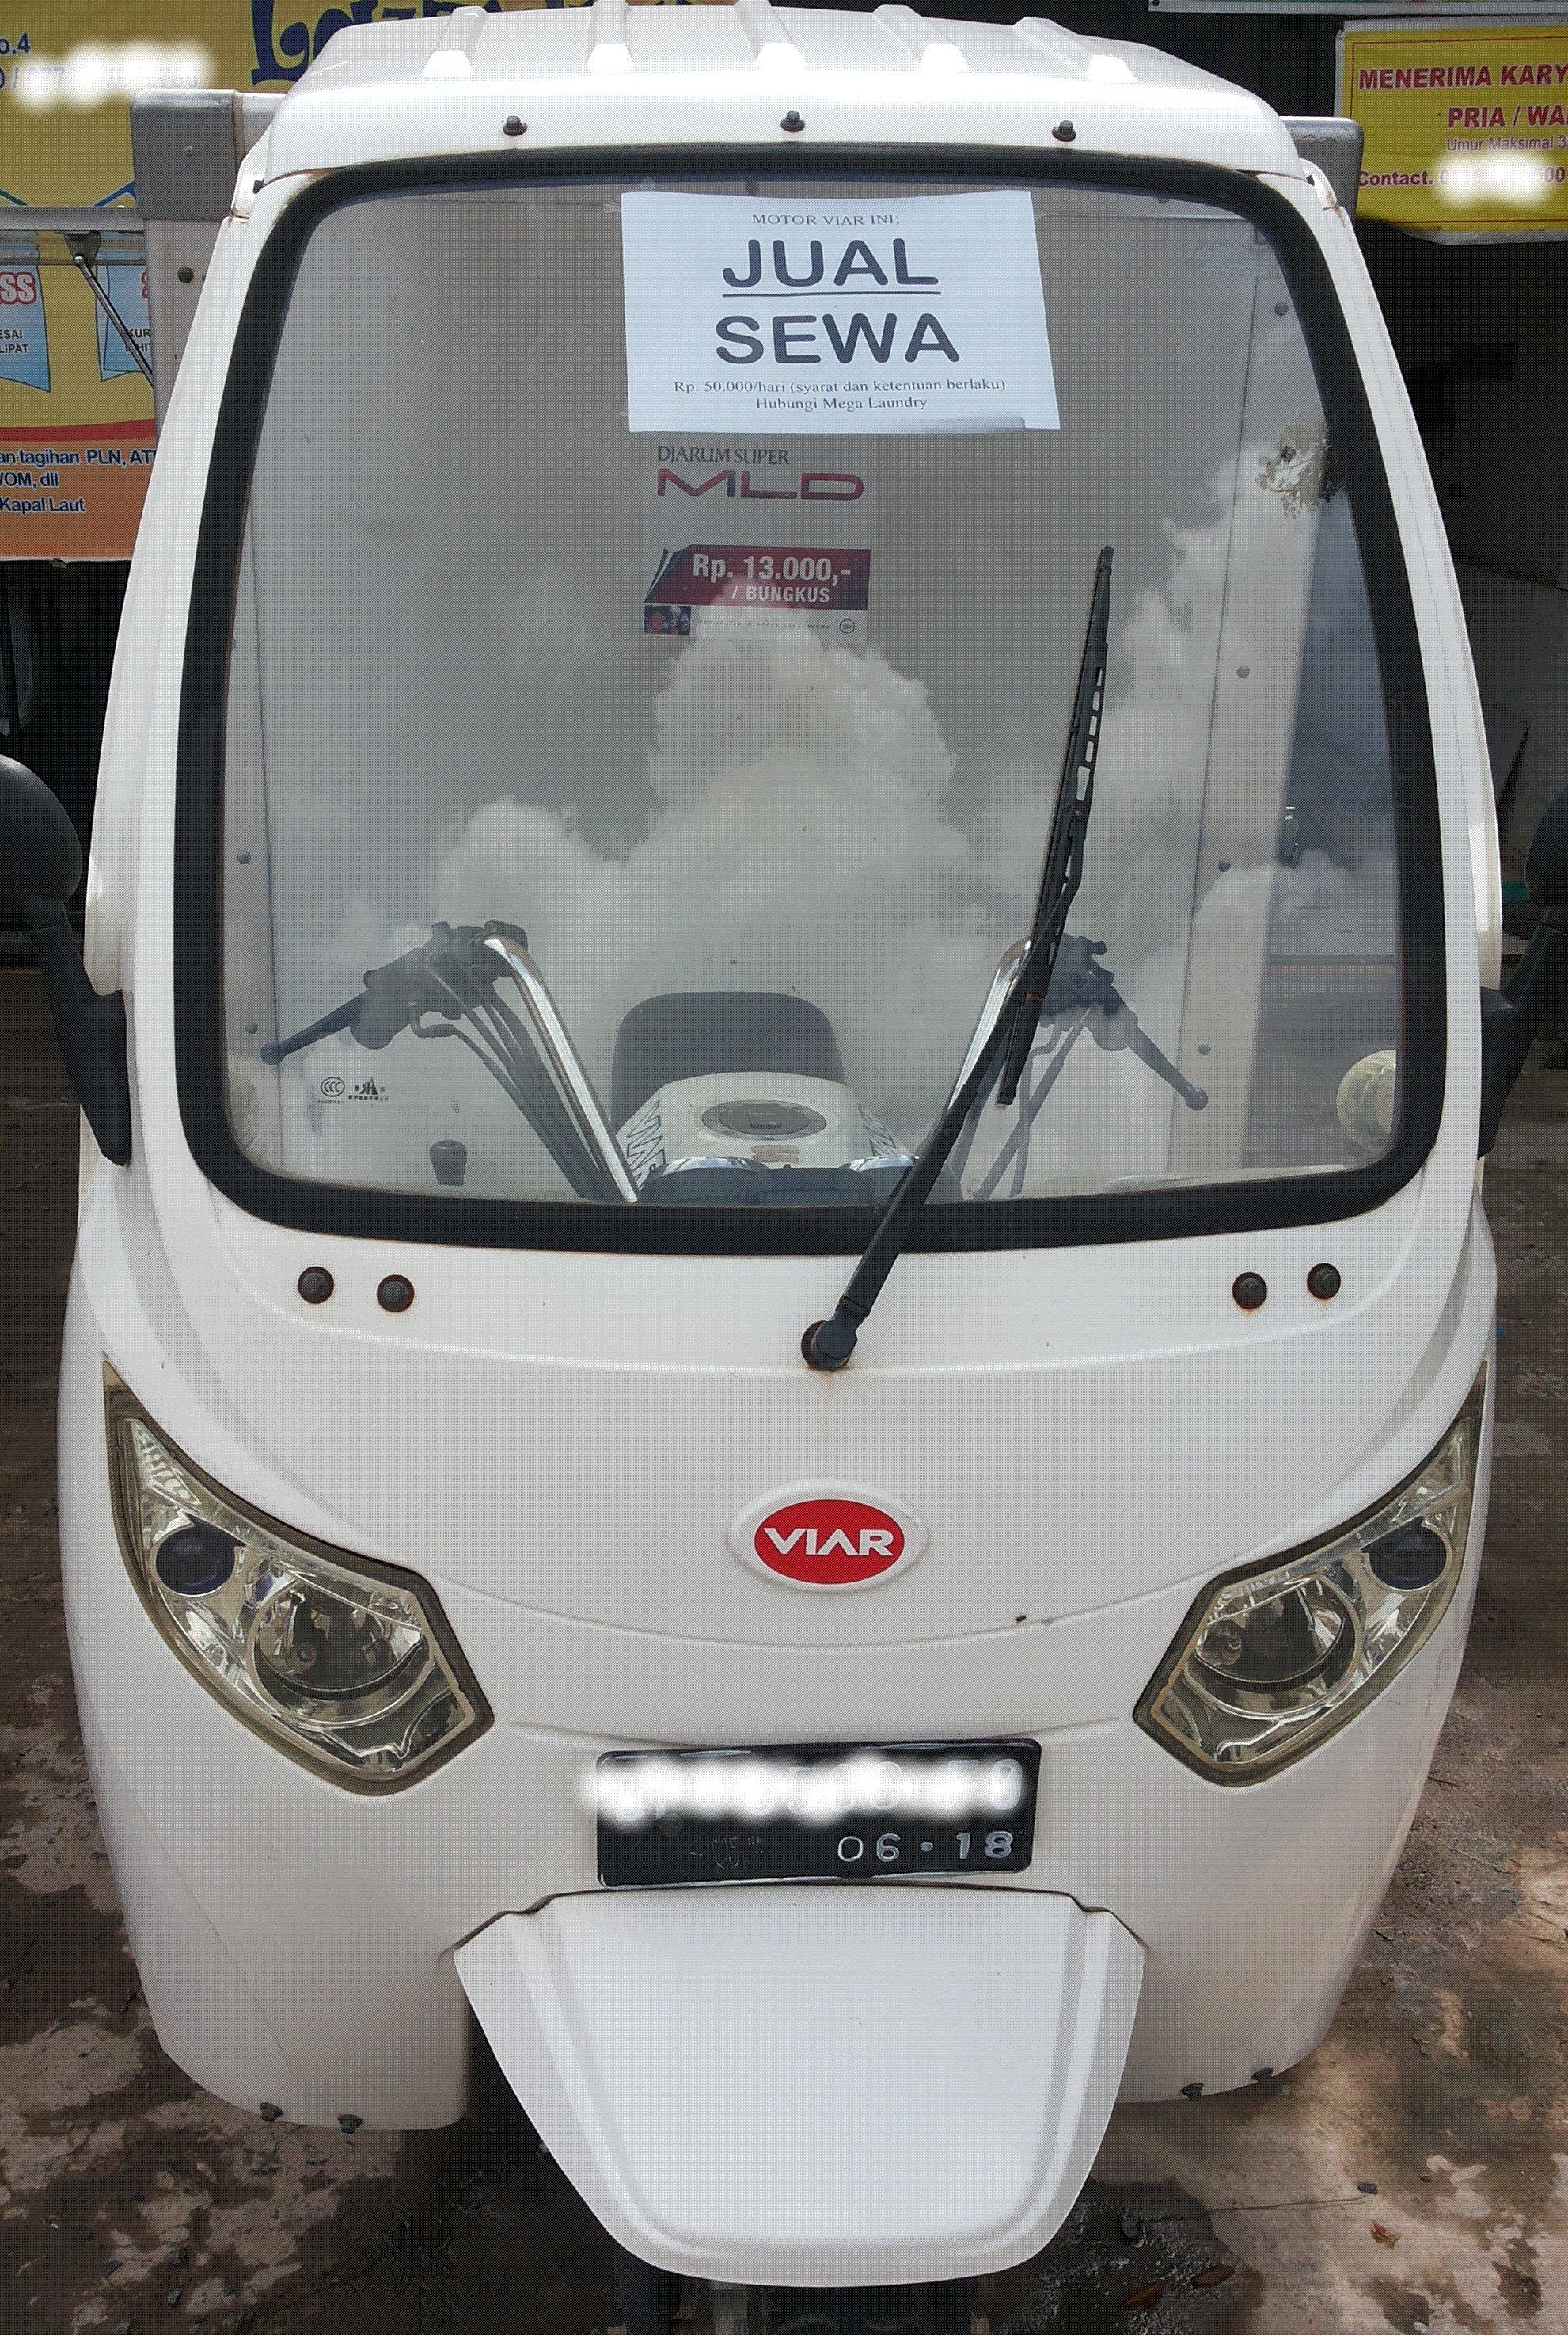 Harga Jual Sepeda Motor Roda Tiga Viar Baru Kaisar Angguna 250 Cc Di Kota Batam Kepulauan Riau Id